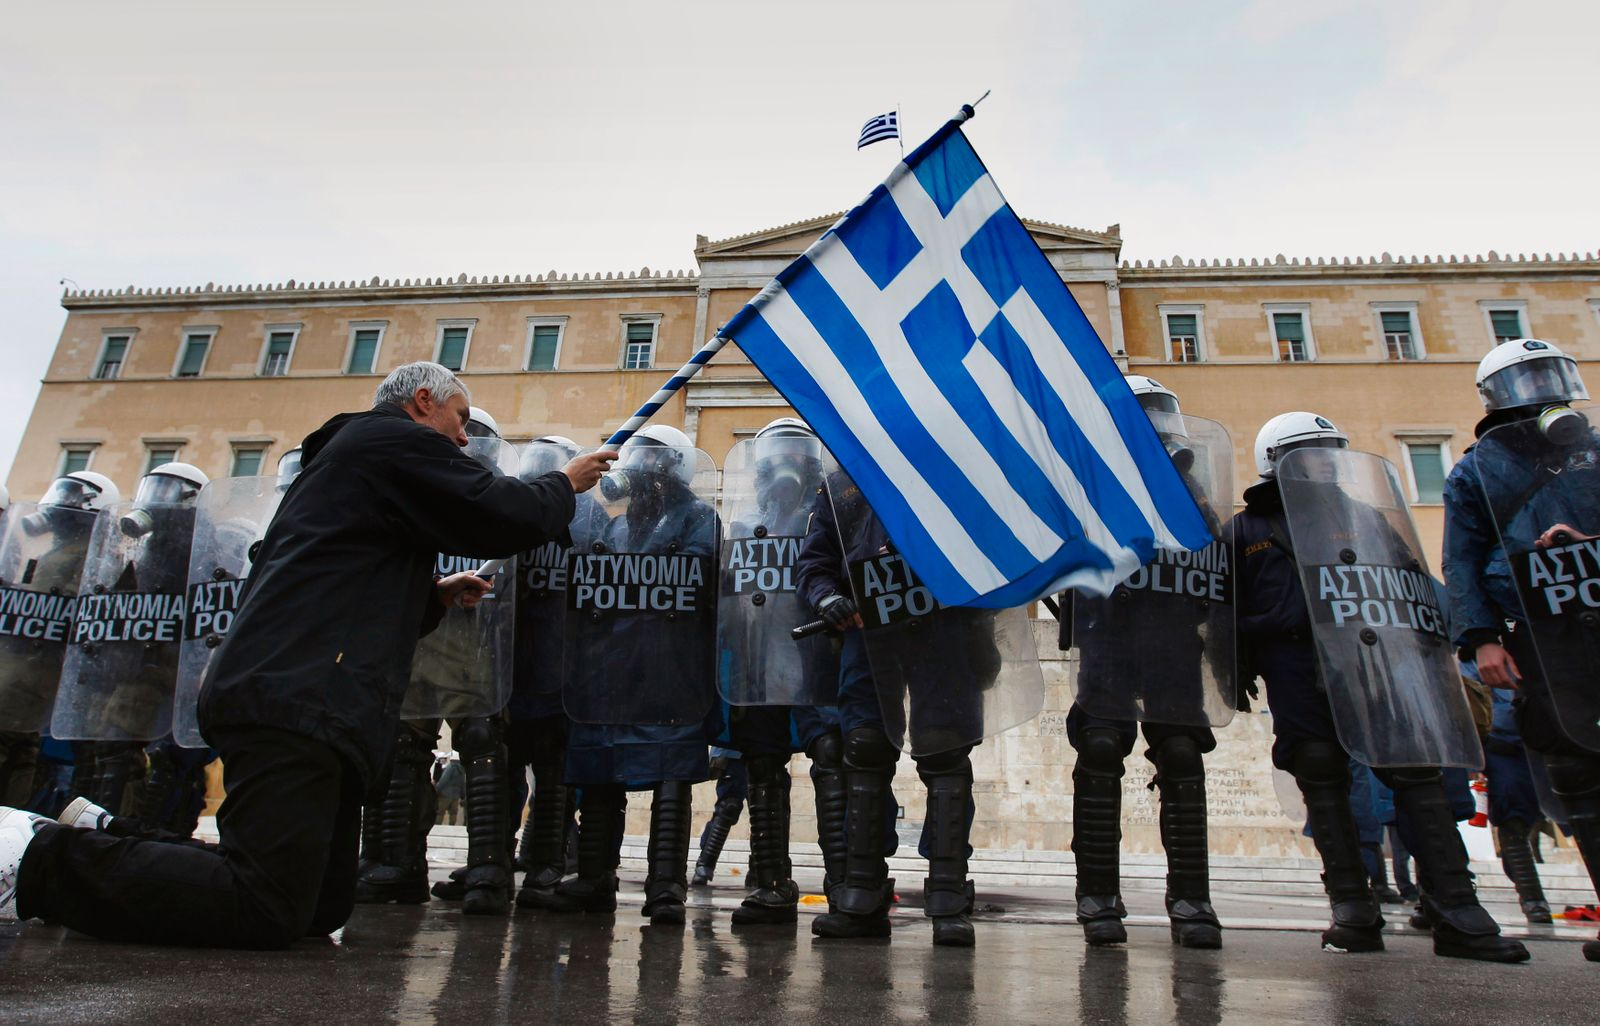 Griechenland / Krise / Protest / Mann kniet vor Polizei